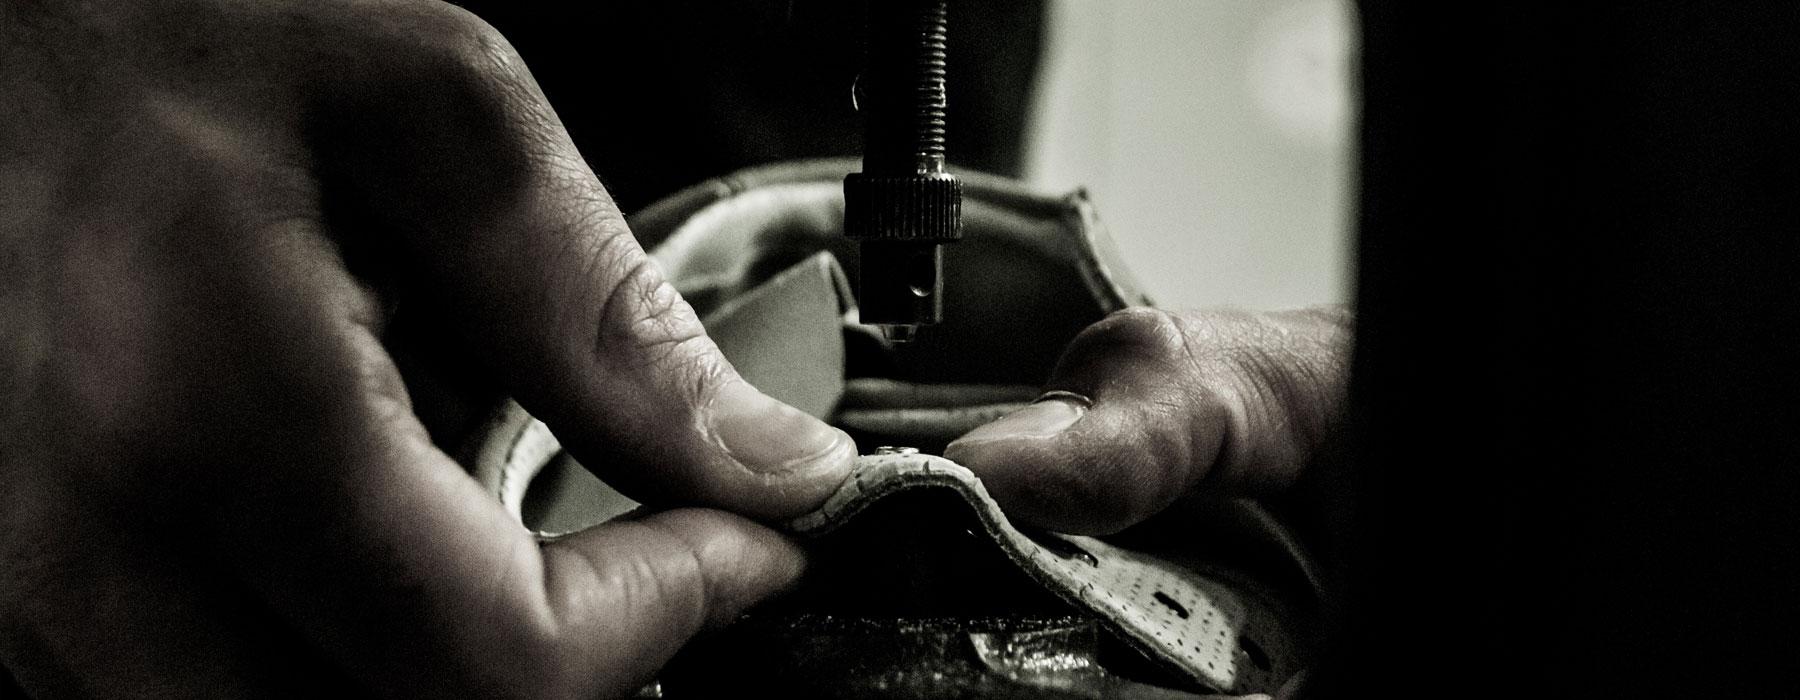 produzione-scarpe-venezia